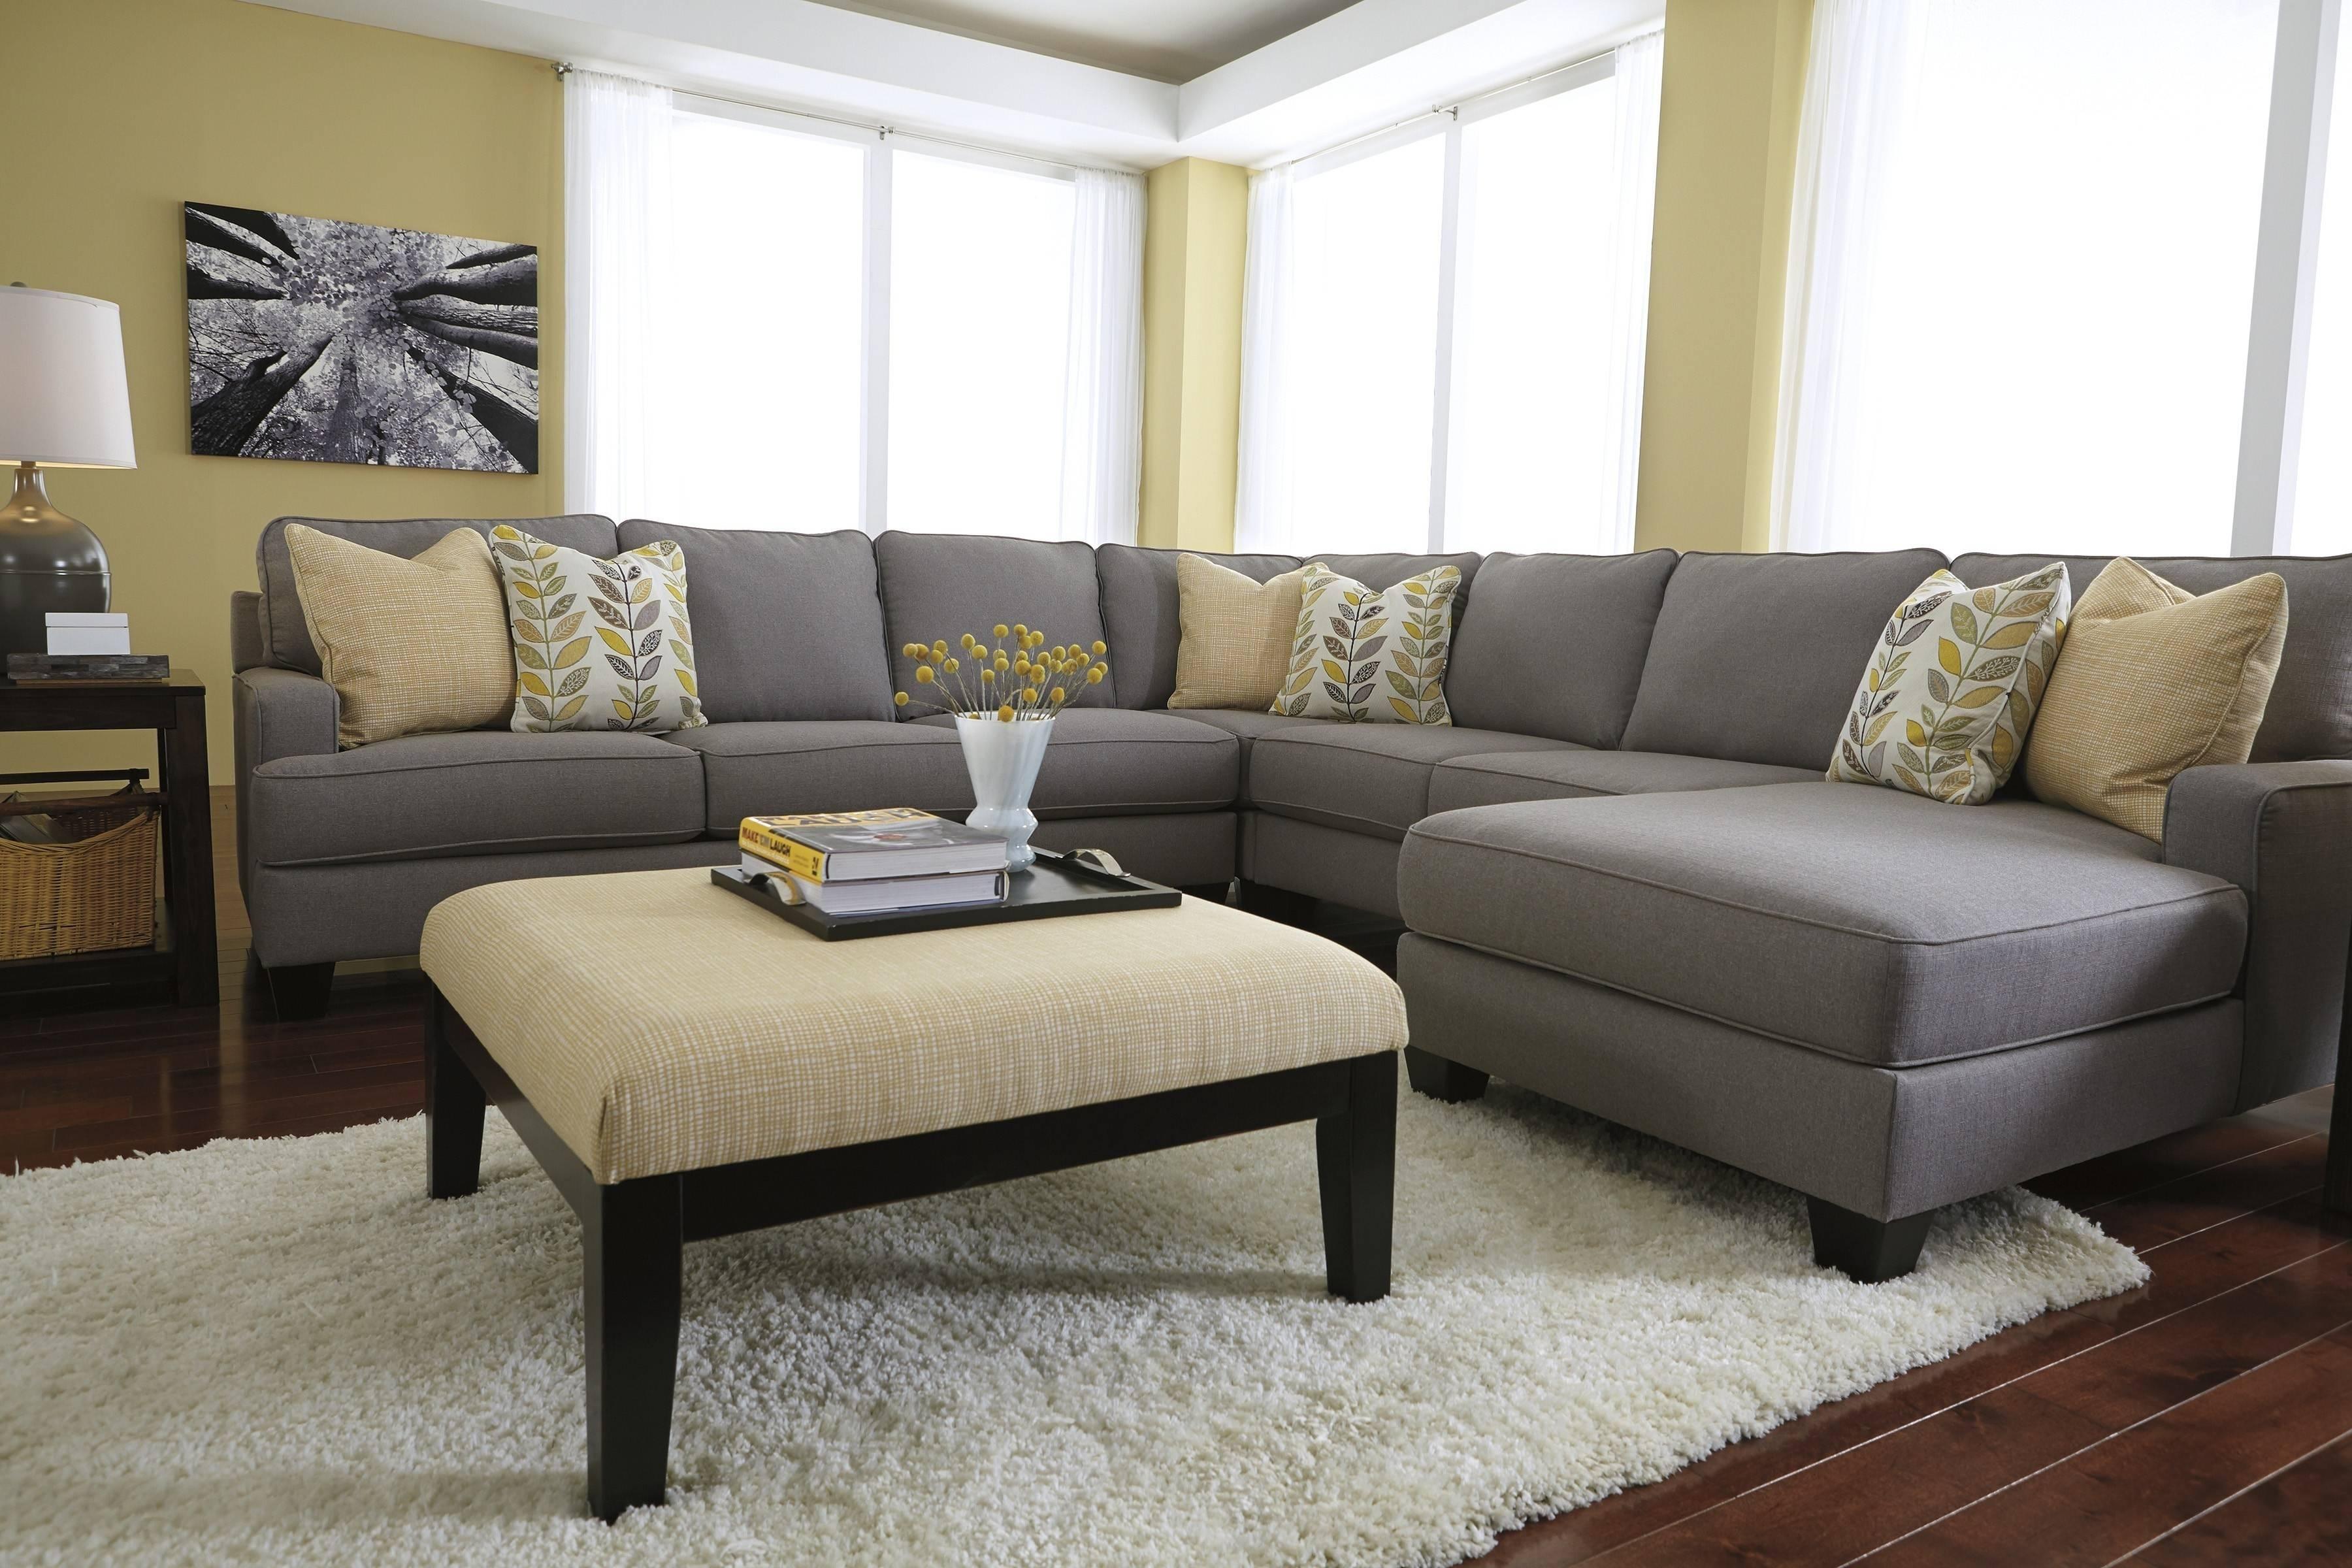 Furniture Tufted Leather Sofa | Macys Sofas | Velvet Sectional Sofa with Macys Leather Sofas : leather sofa sectionals - Sectionals, Sofas & Couches